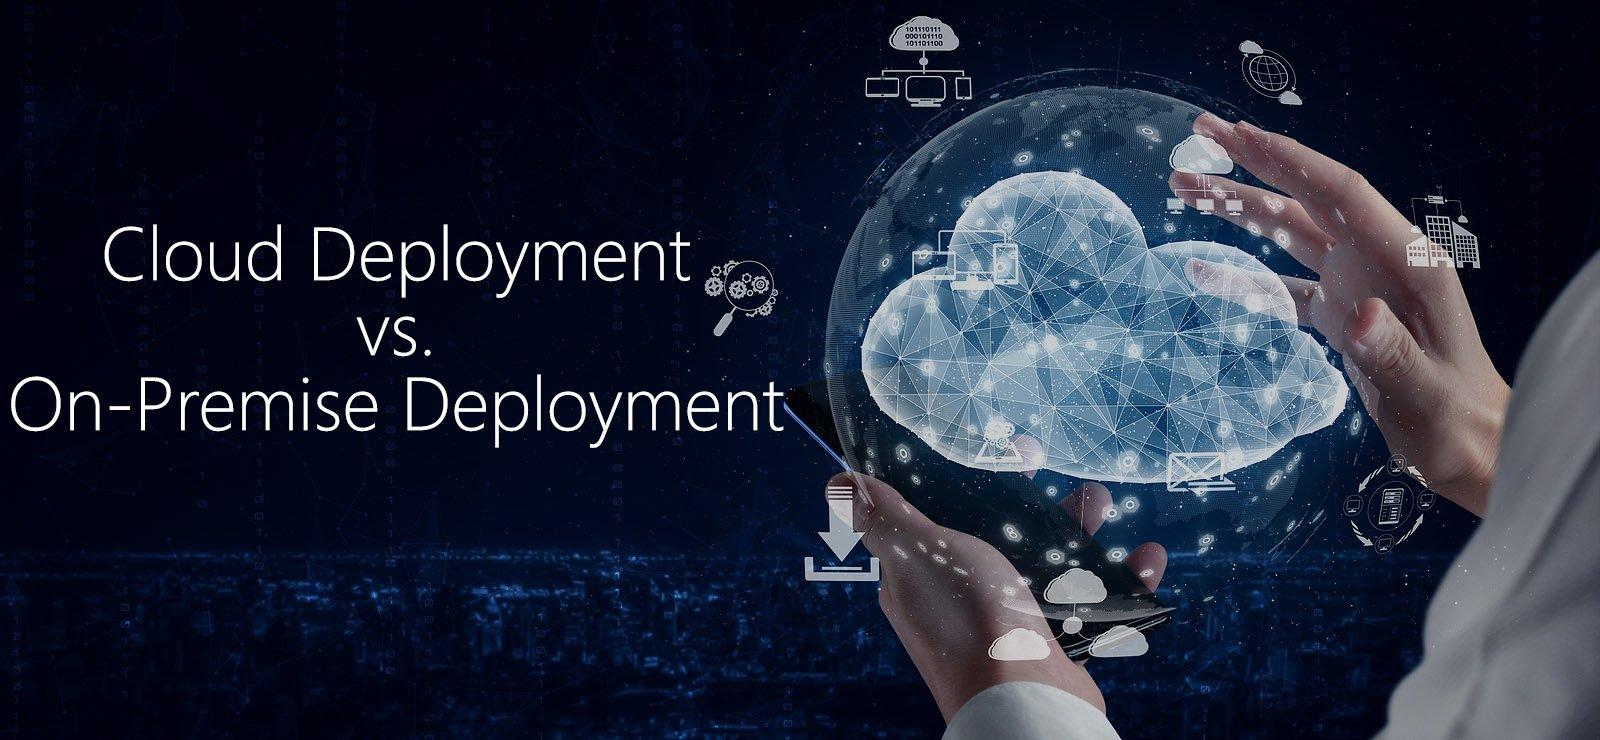 tmc-blog-cloud-deployment-vs.-on-premise-deployment